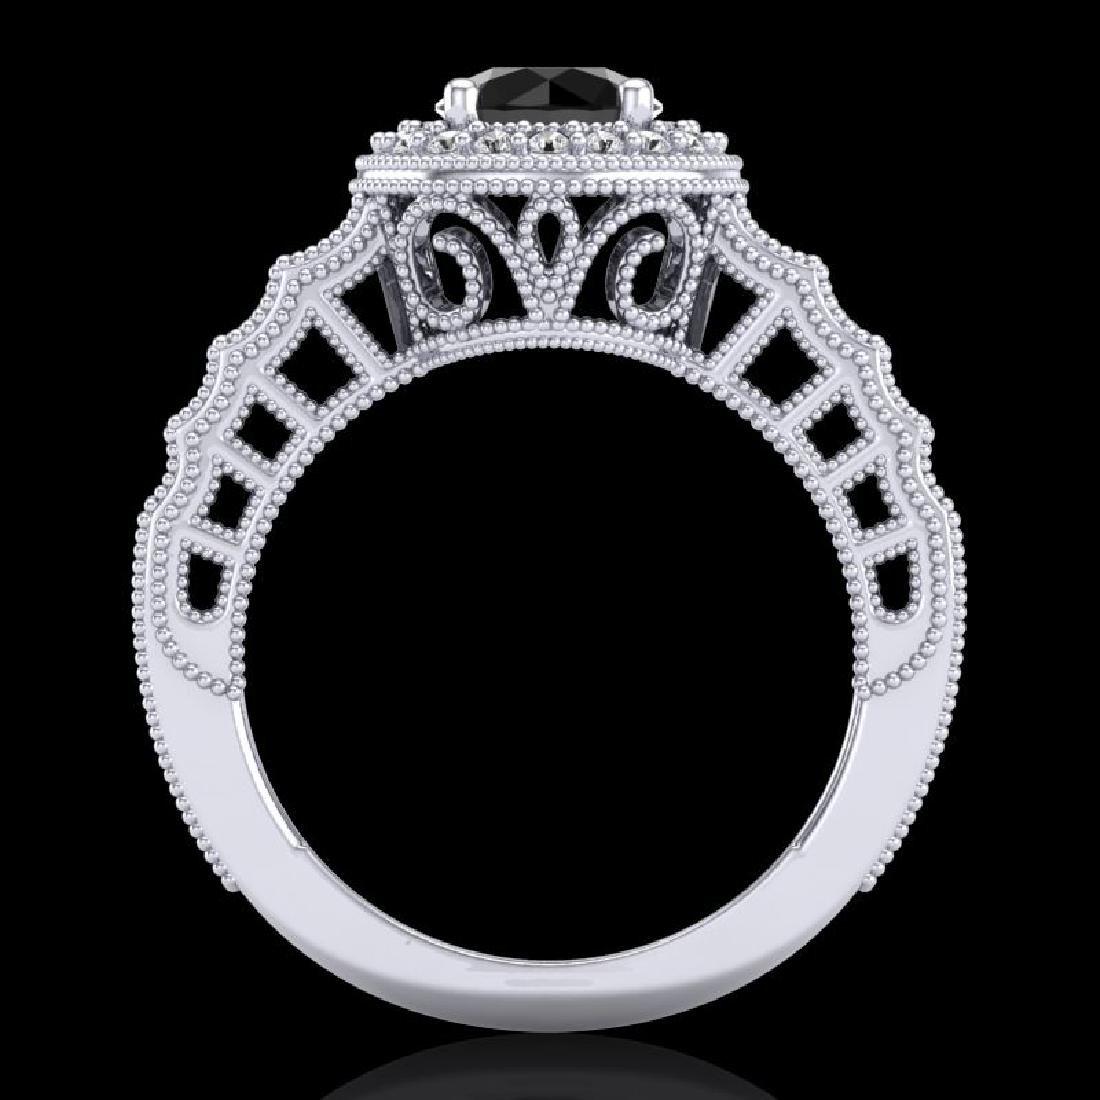 1.53 CTW Fancy Black Diamond Solitaire Engagement Art - 3